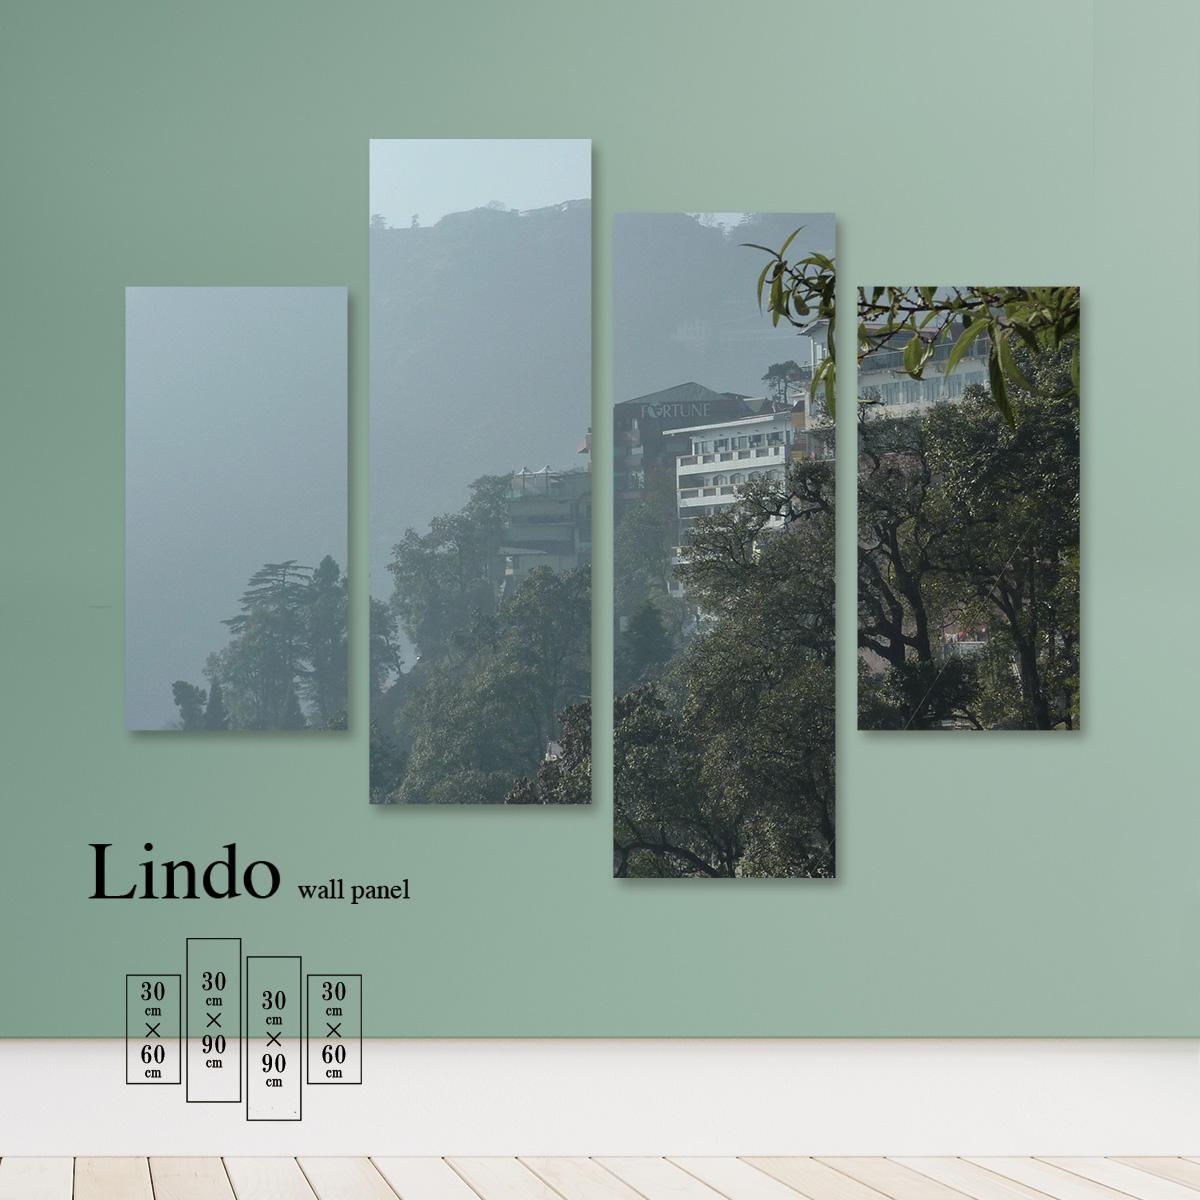 ファブリックパネル 風景 景色 写真 自然 環境 霧 建物 壁掛け 北欧 お洒落 デザイン アート 壁飾り アートボード 4枚パネル